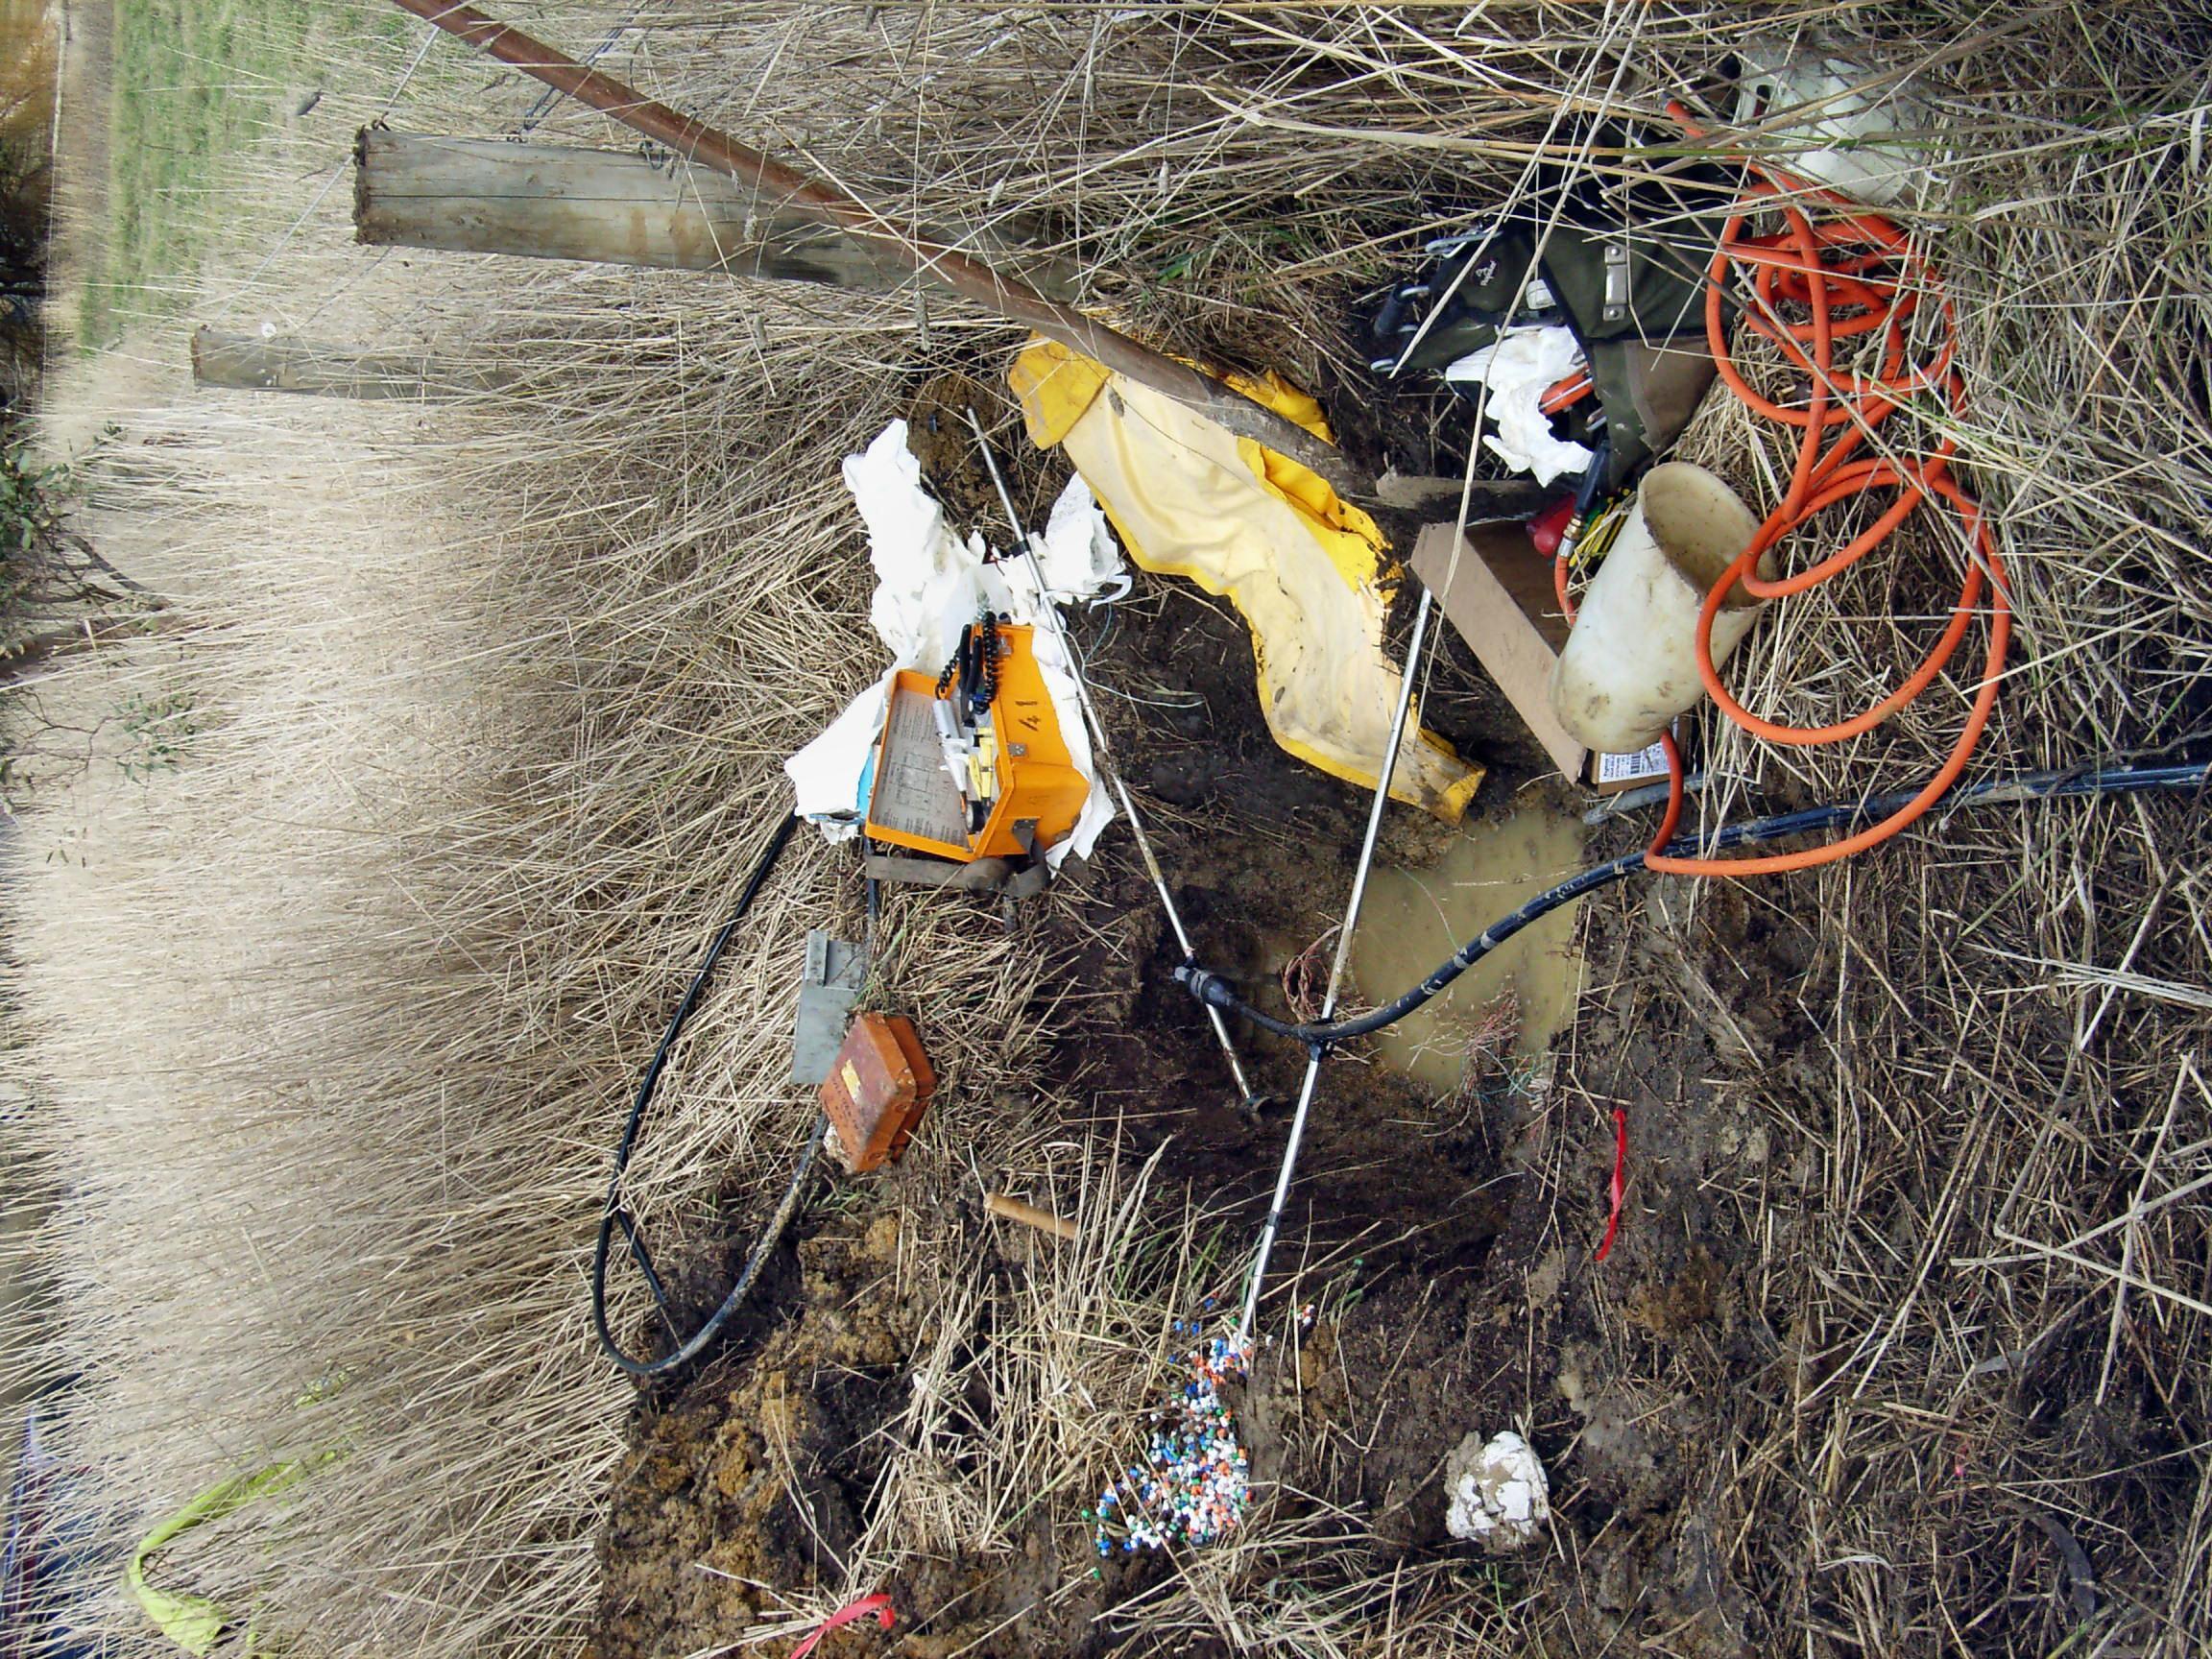 cable-repair-1.jpeg